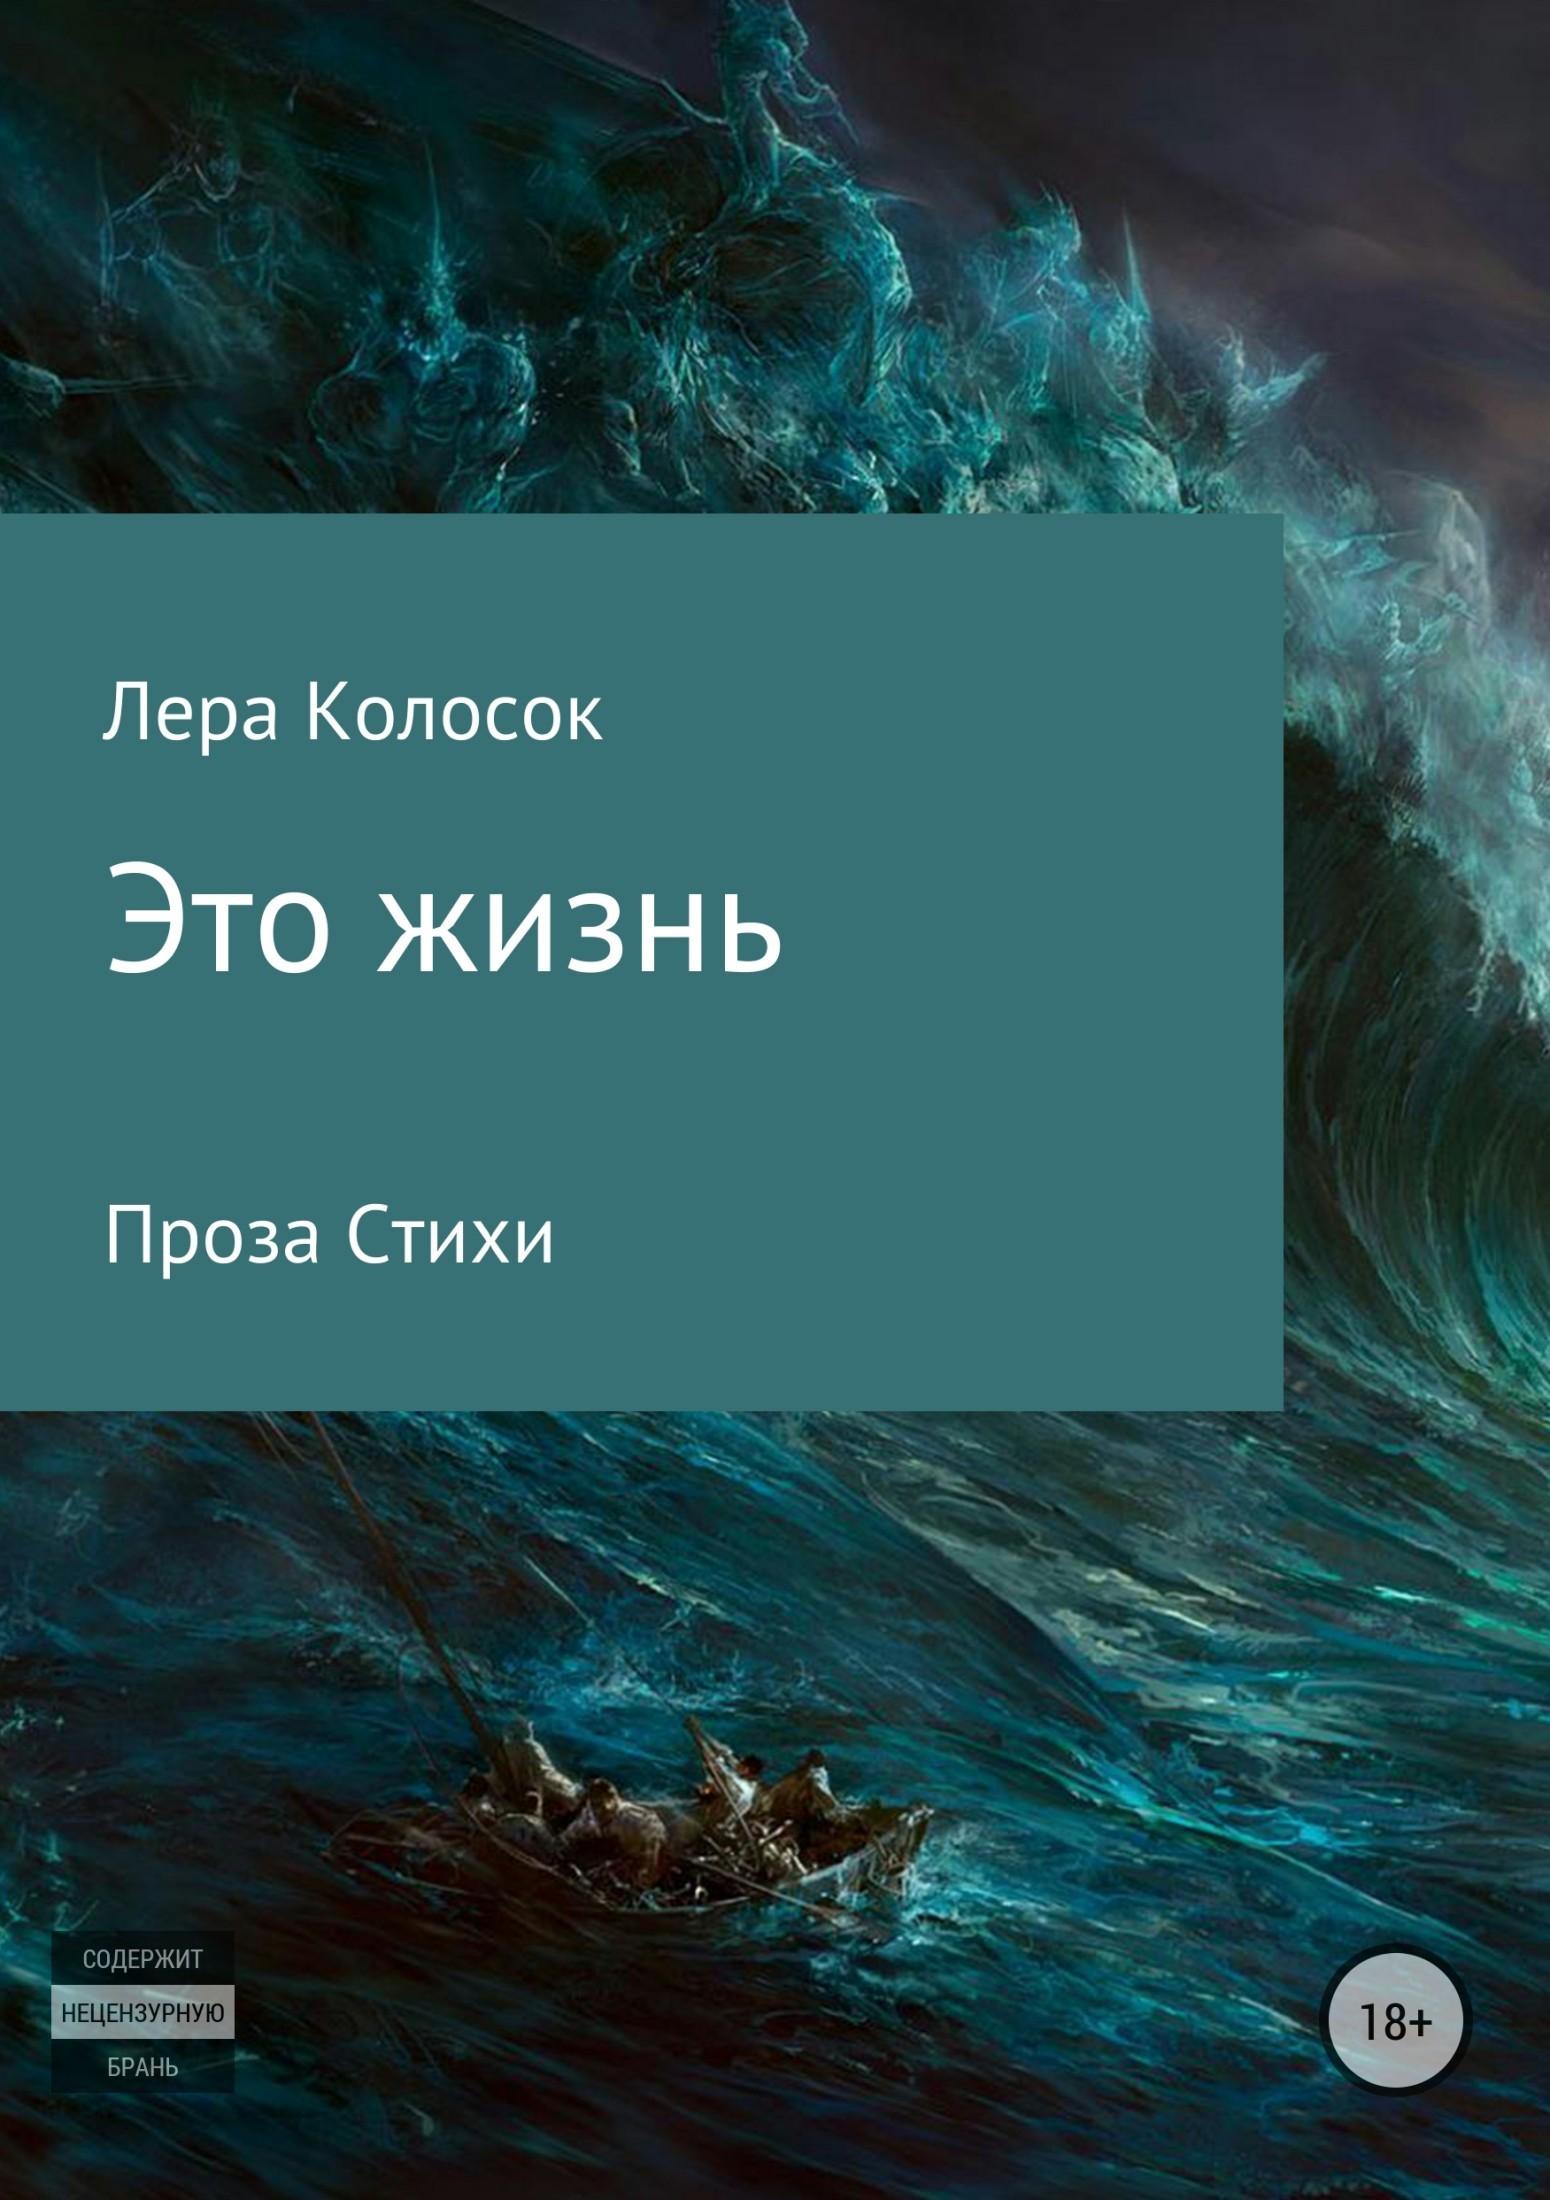 Лера Владимировна Колосок бесплатно